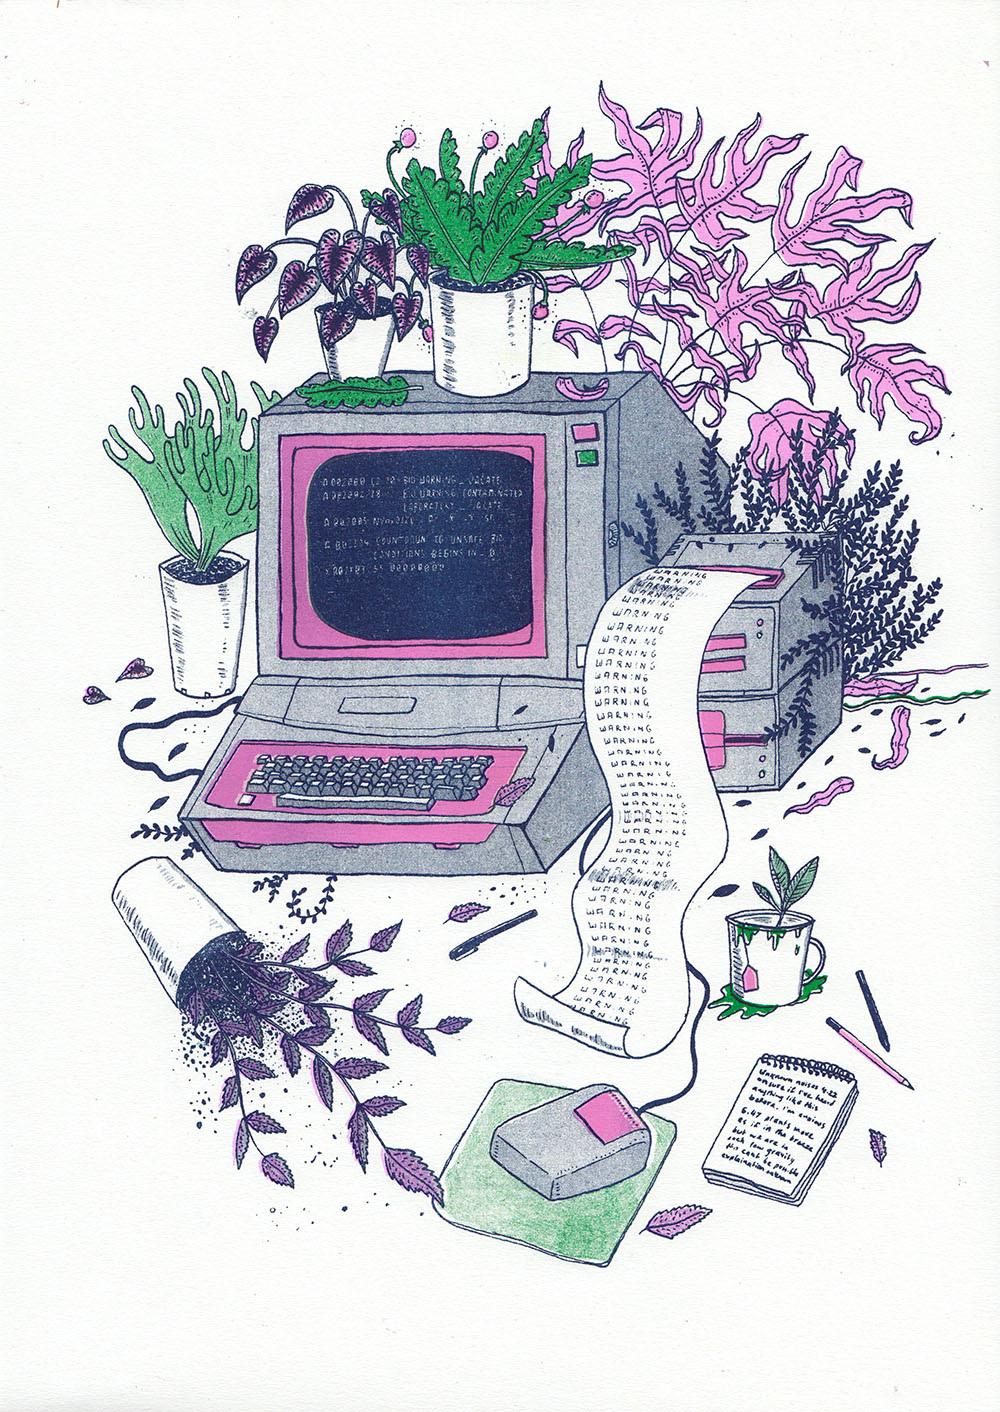 computer-error-risograph-small_1000.jpg